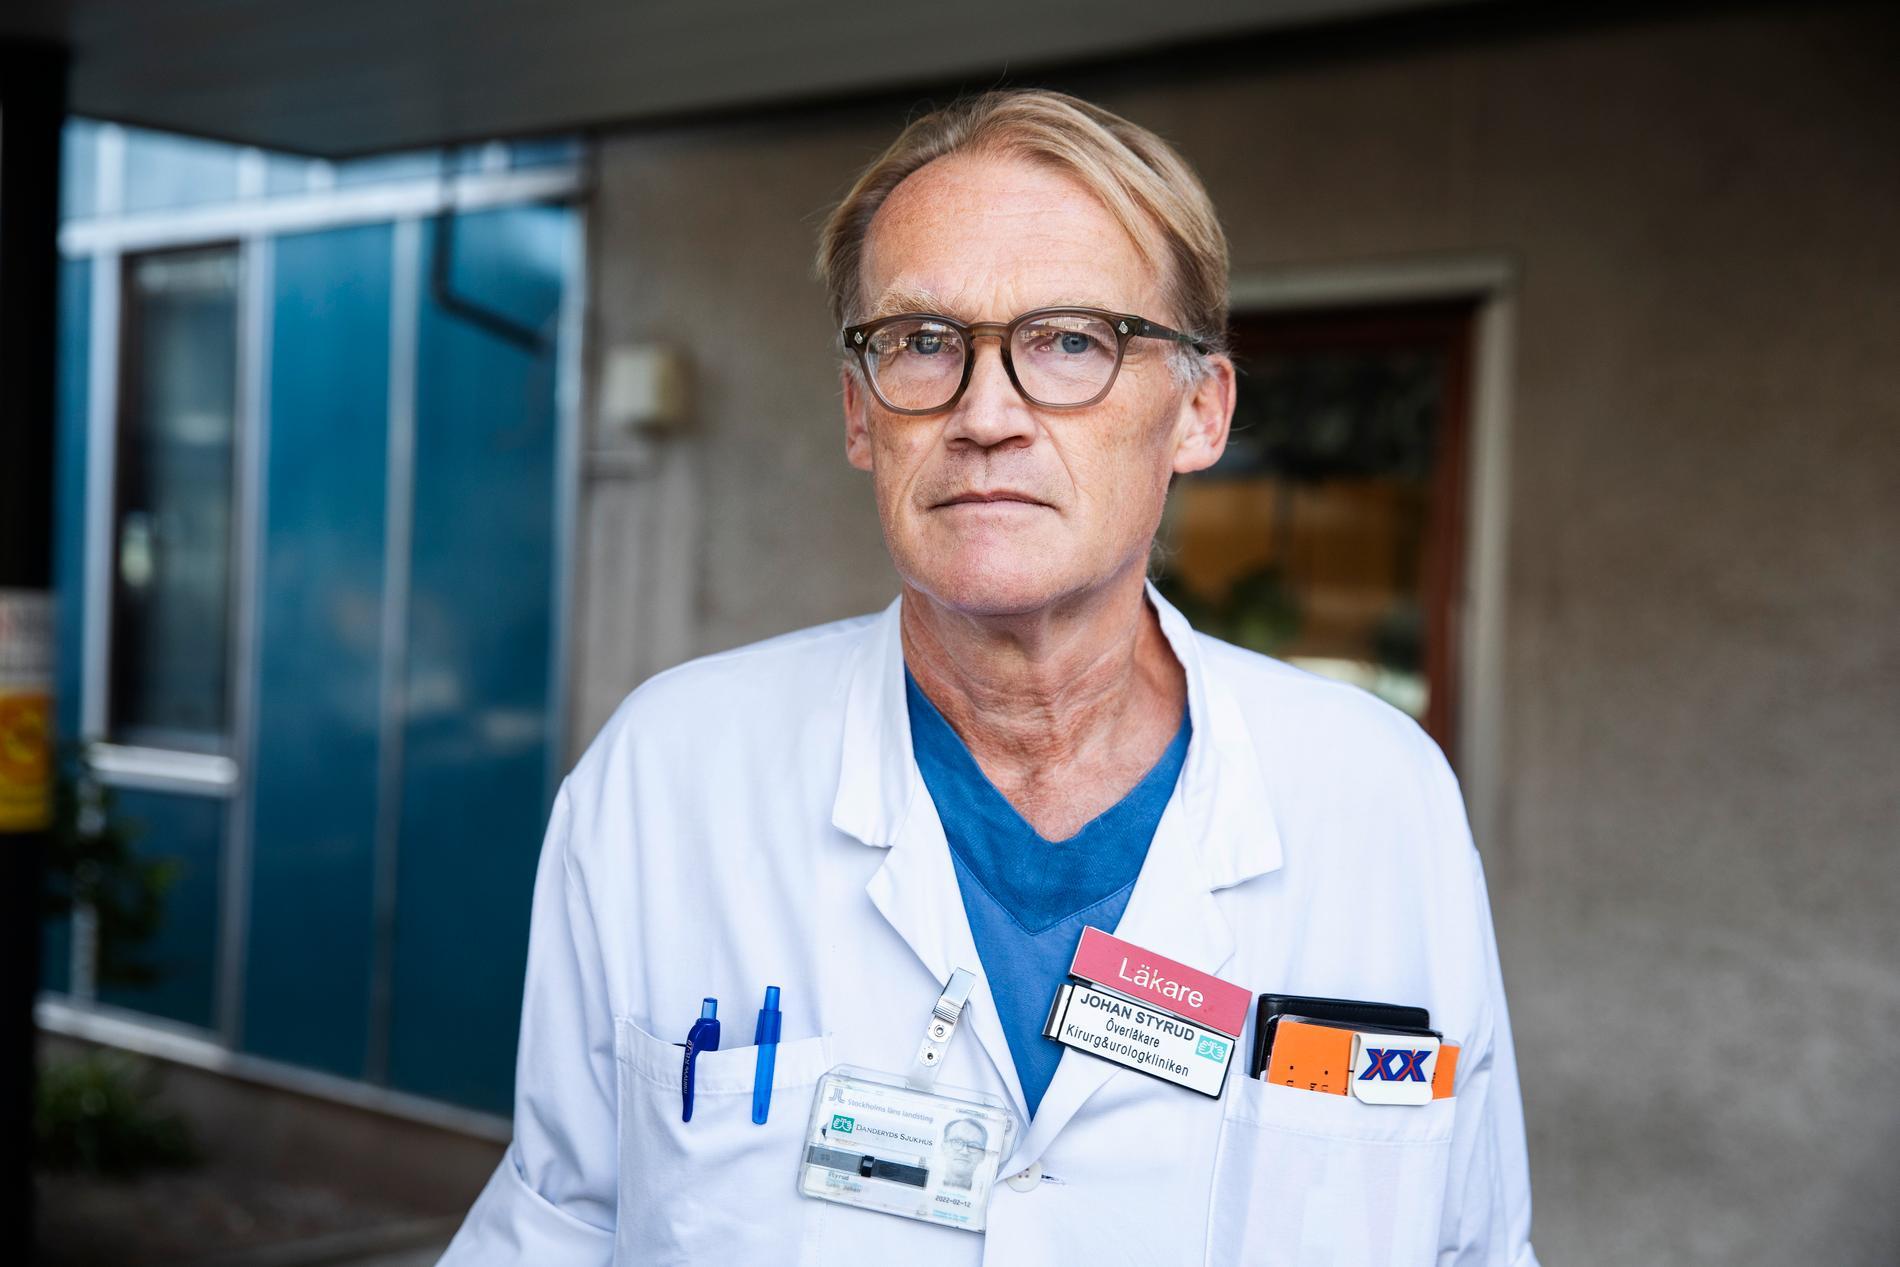 Johan Styrud, överläkare vid Danderyds sjukhus och ordförande i Stockholms läkarförening.